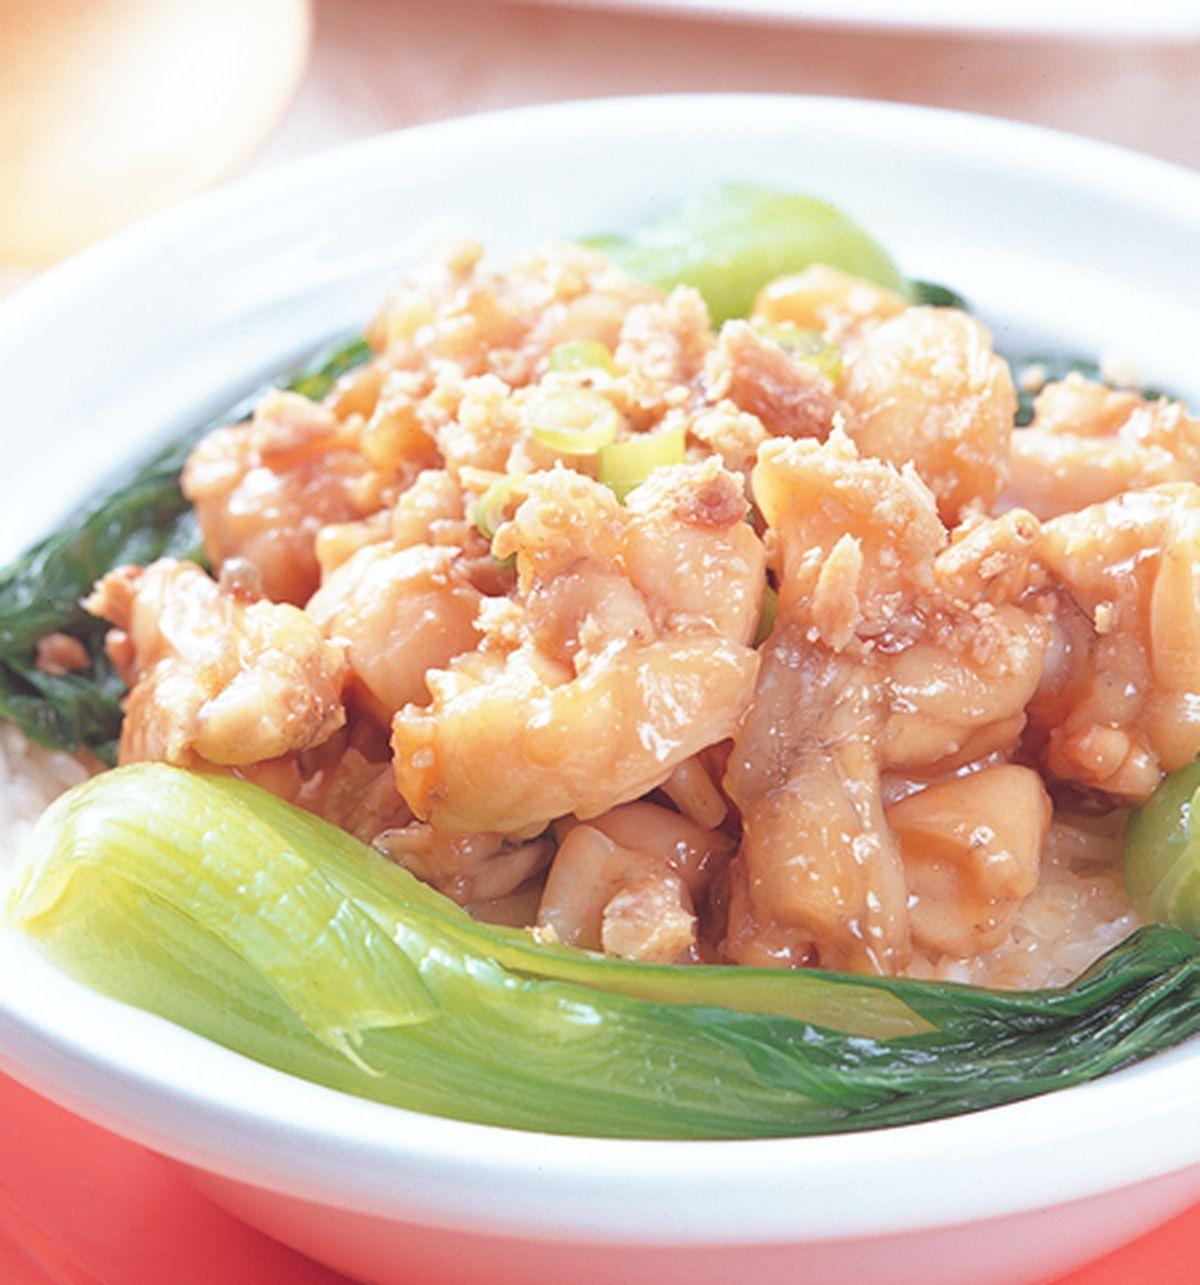 食譜:鹹魚田雞煲飯